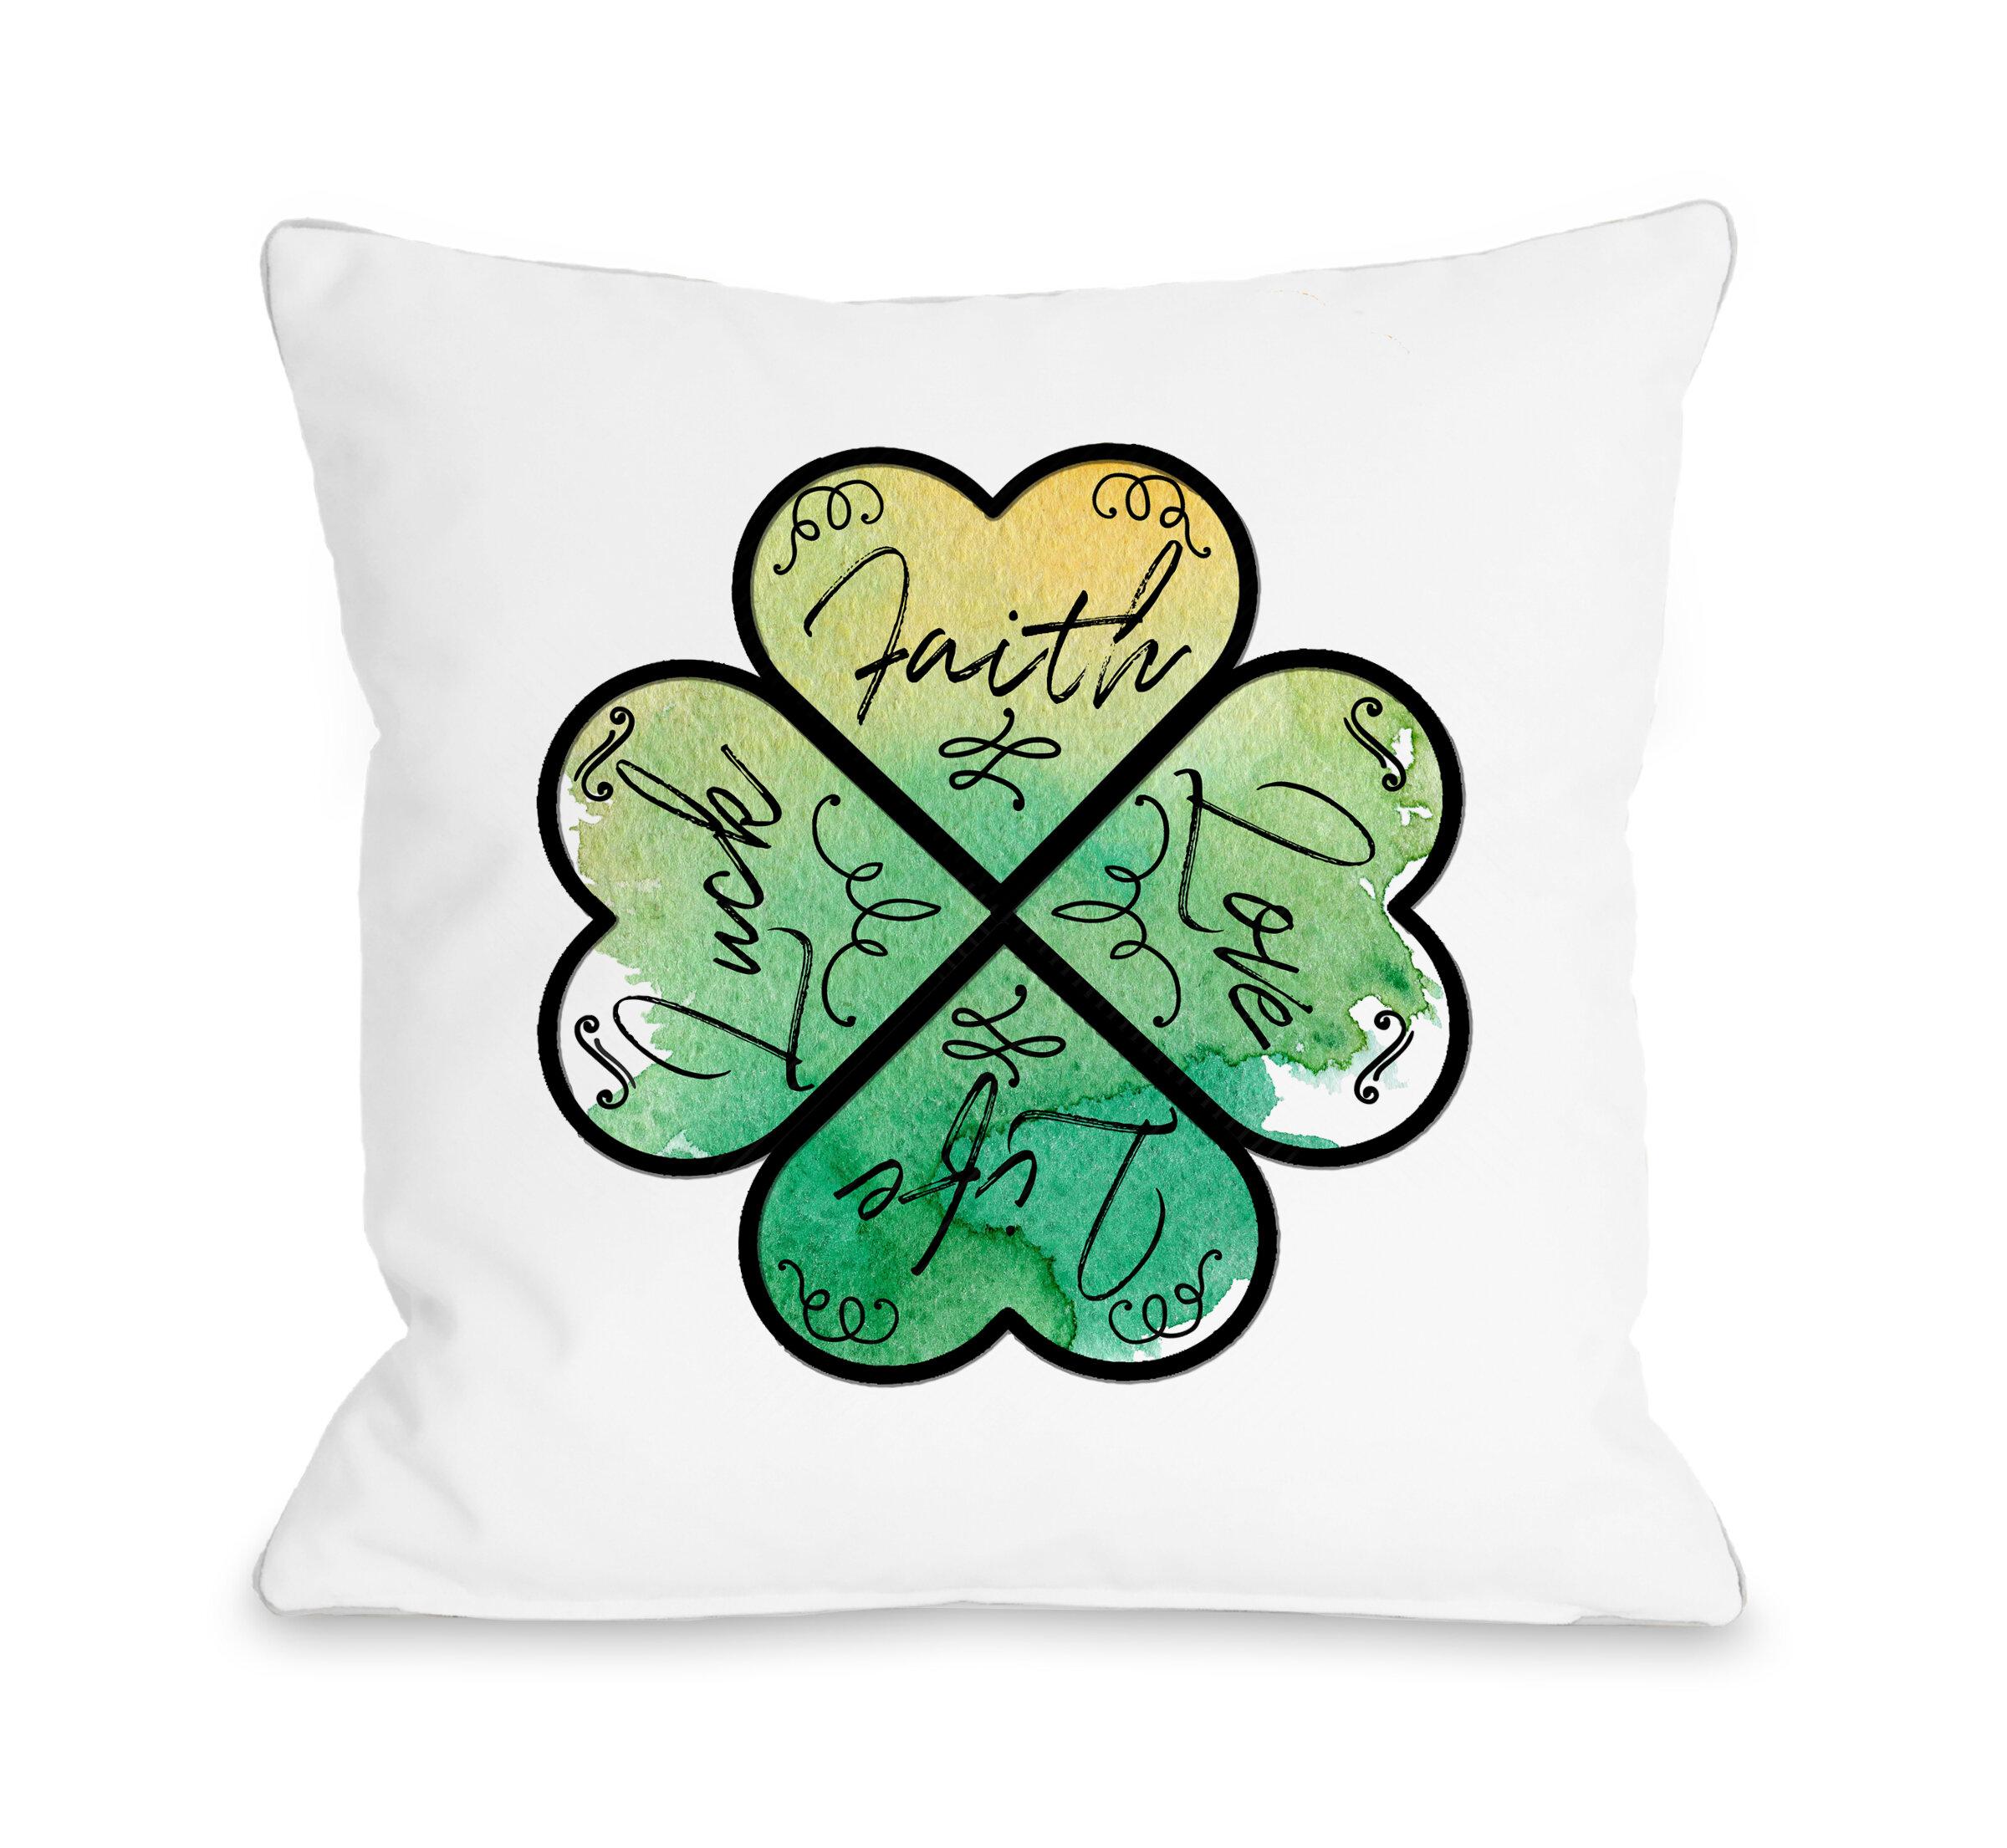 The Holiday Aisle Alger Faith Love Life Luck Throw Pillow Wayfair